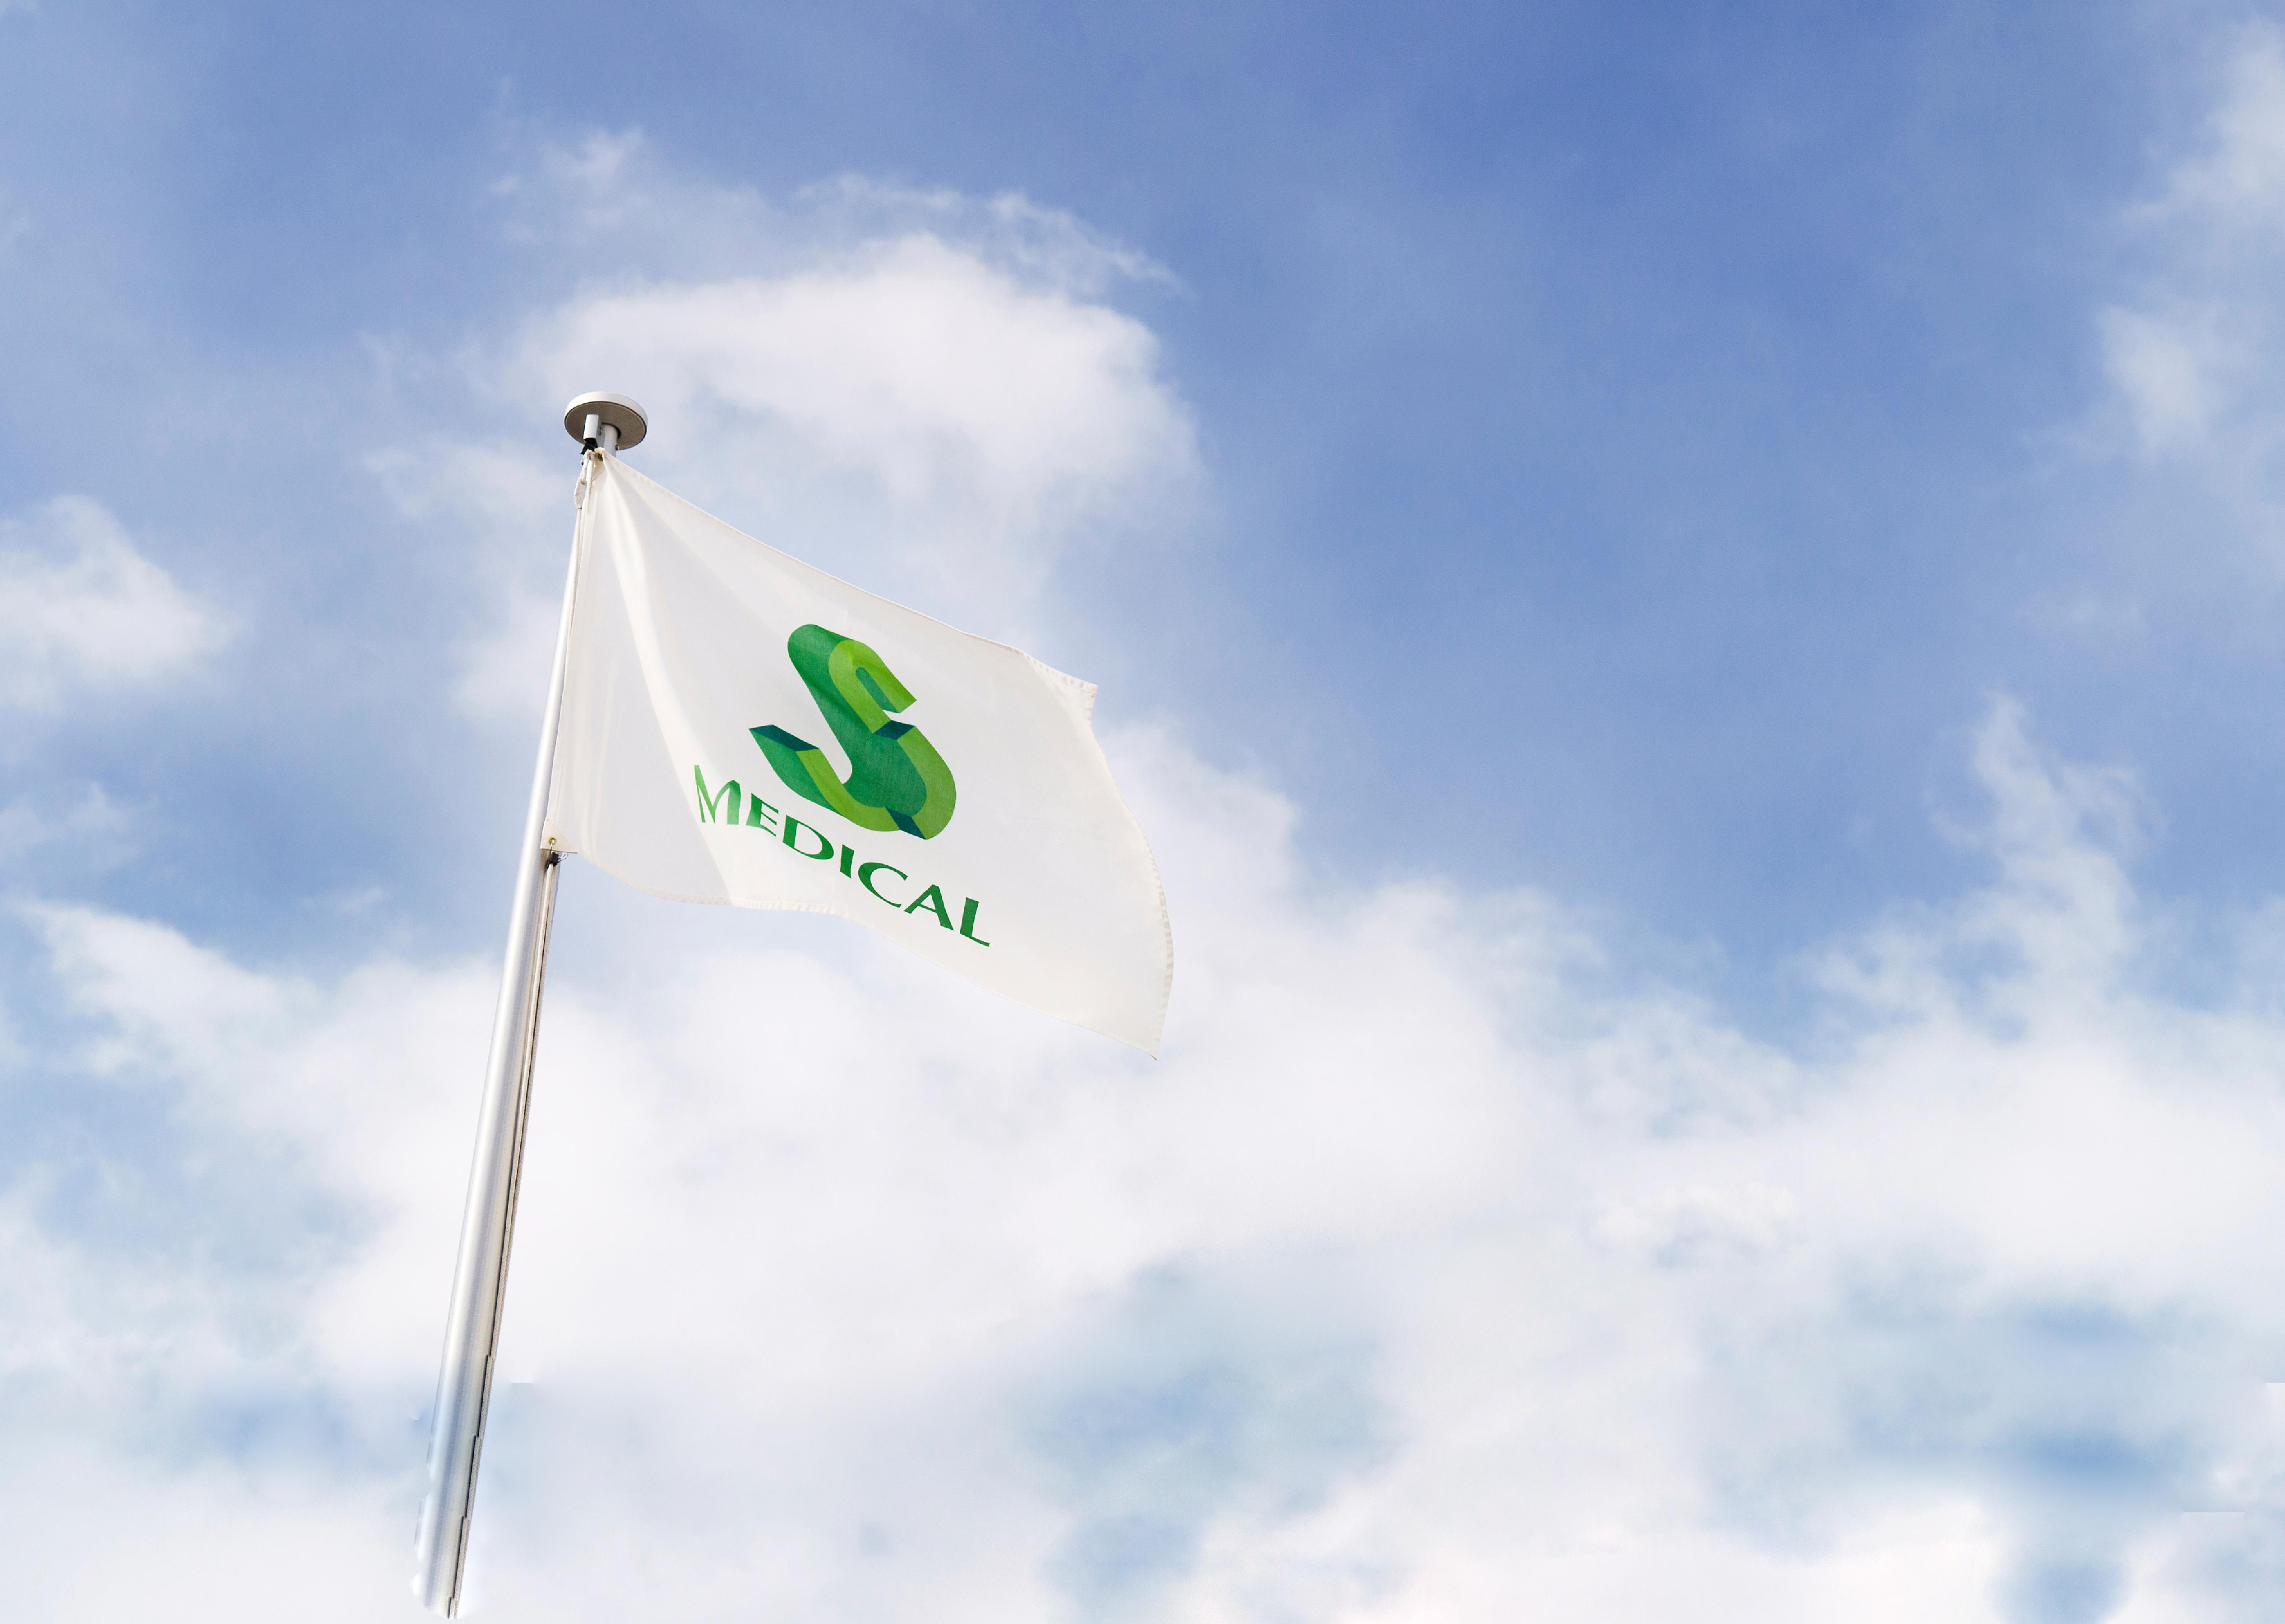 エスメディカル株式会社の社旗